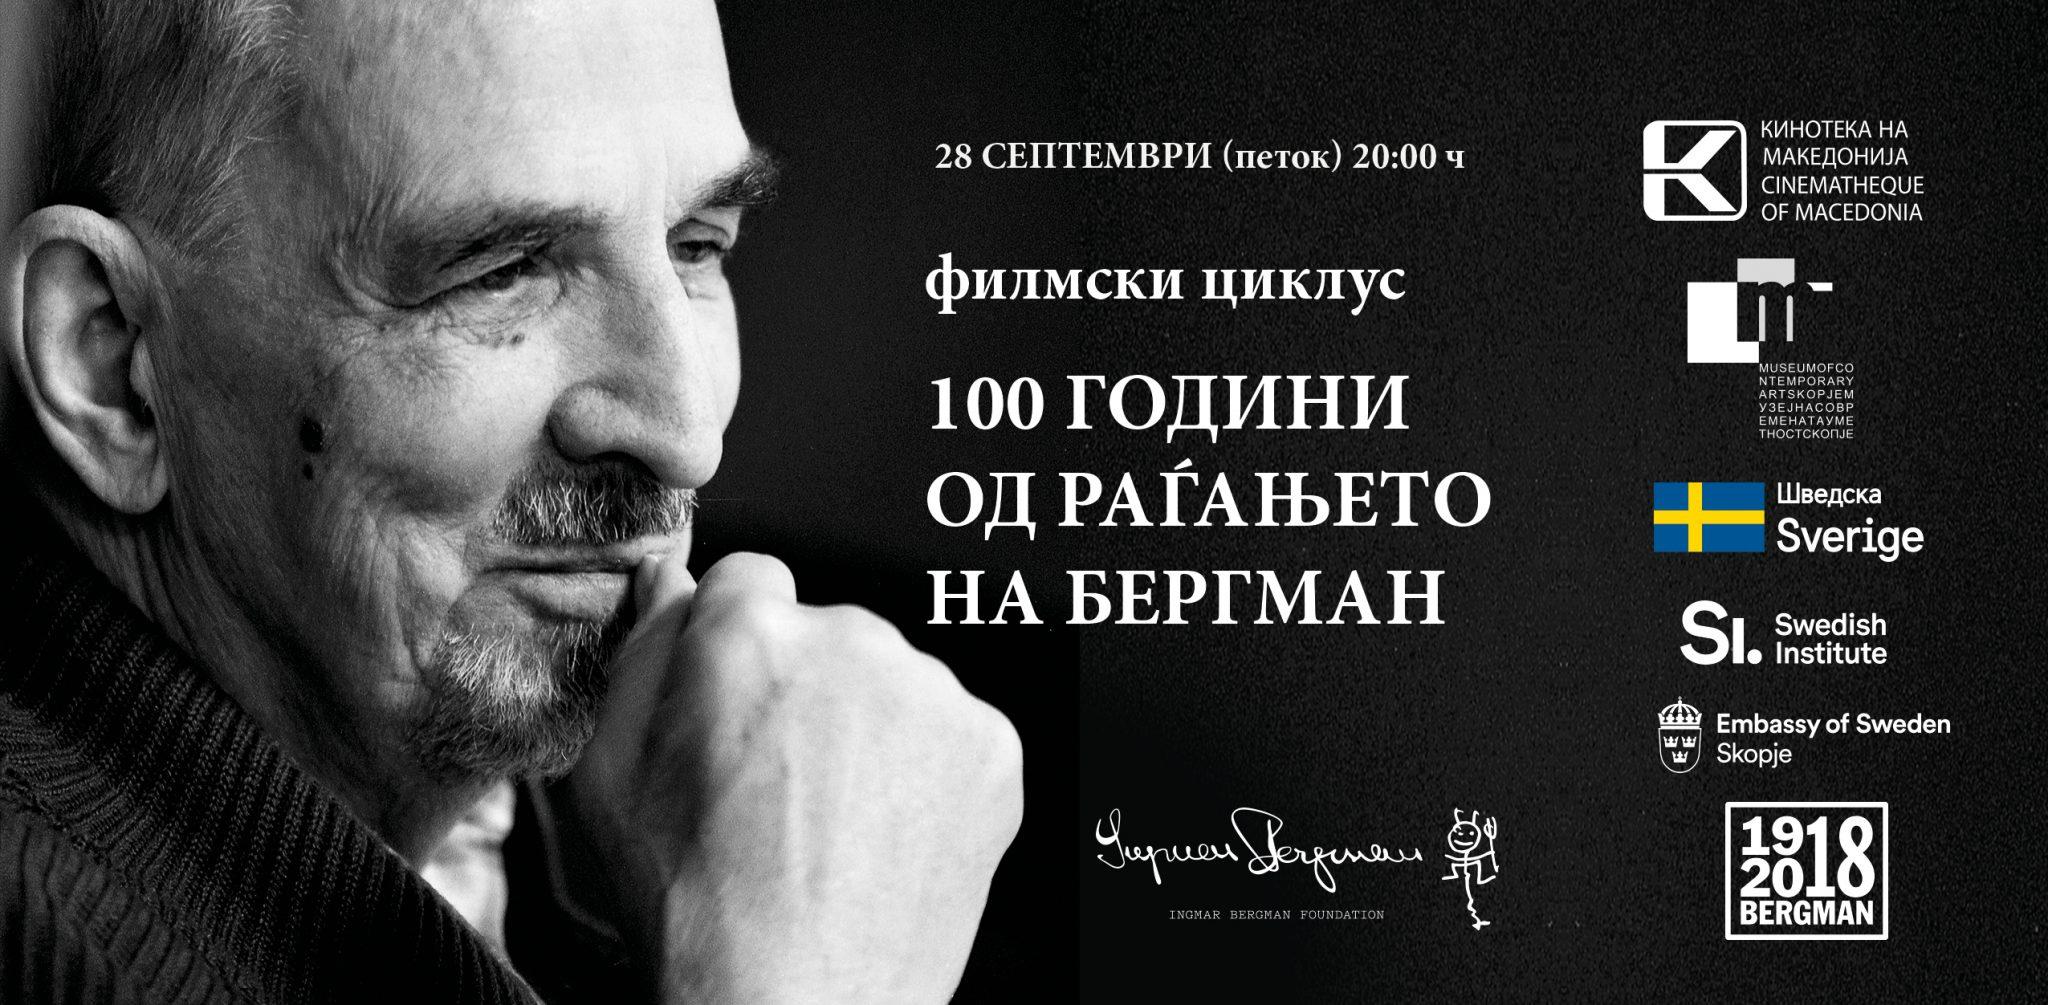 100 ГОДИНИ ИНГМАР БЕРГМАН